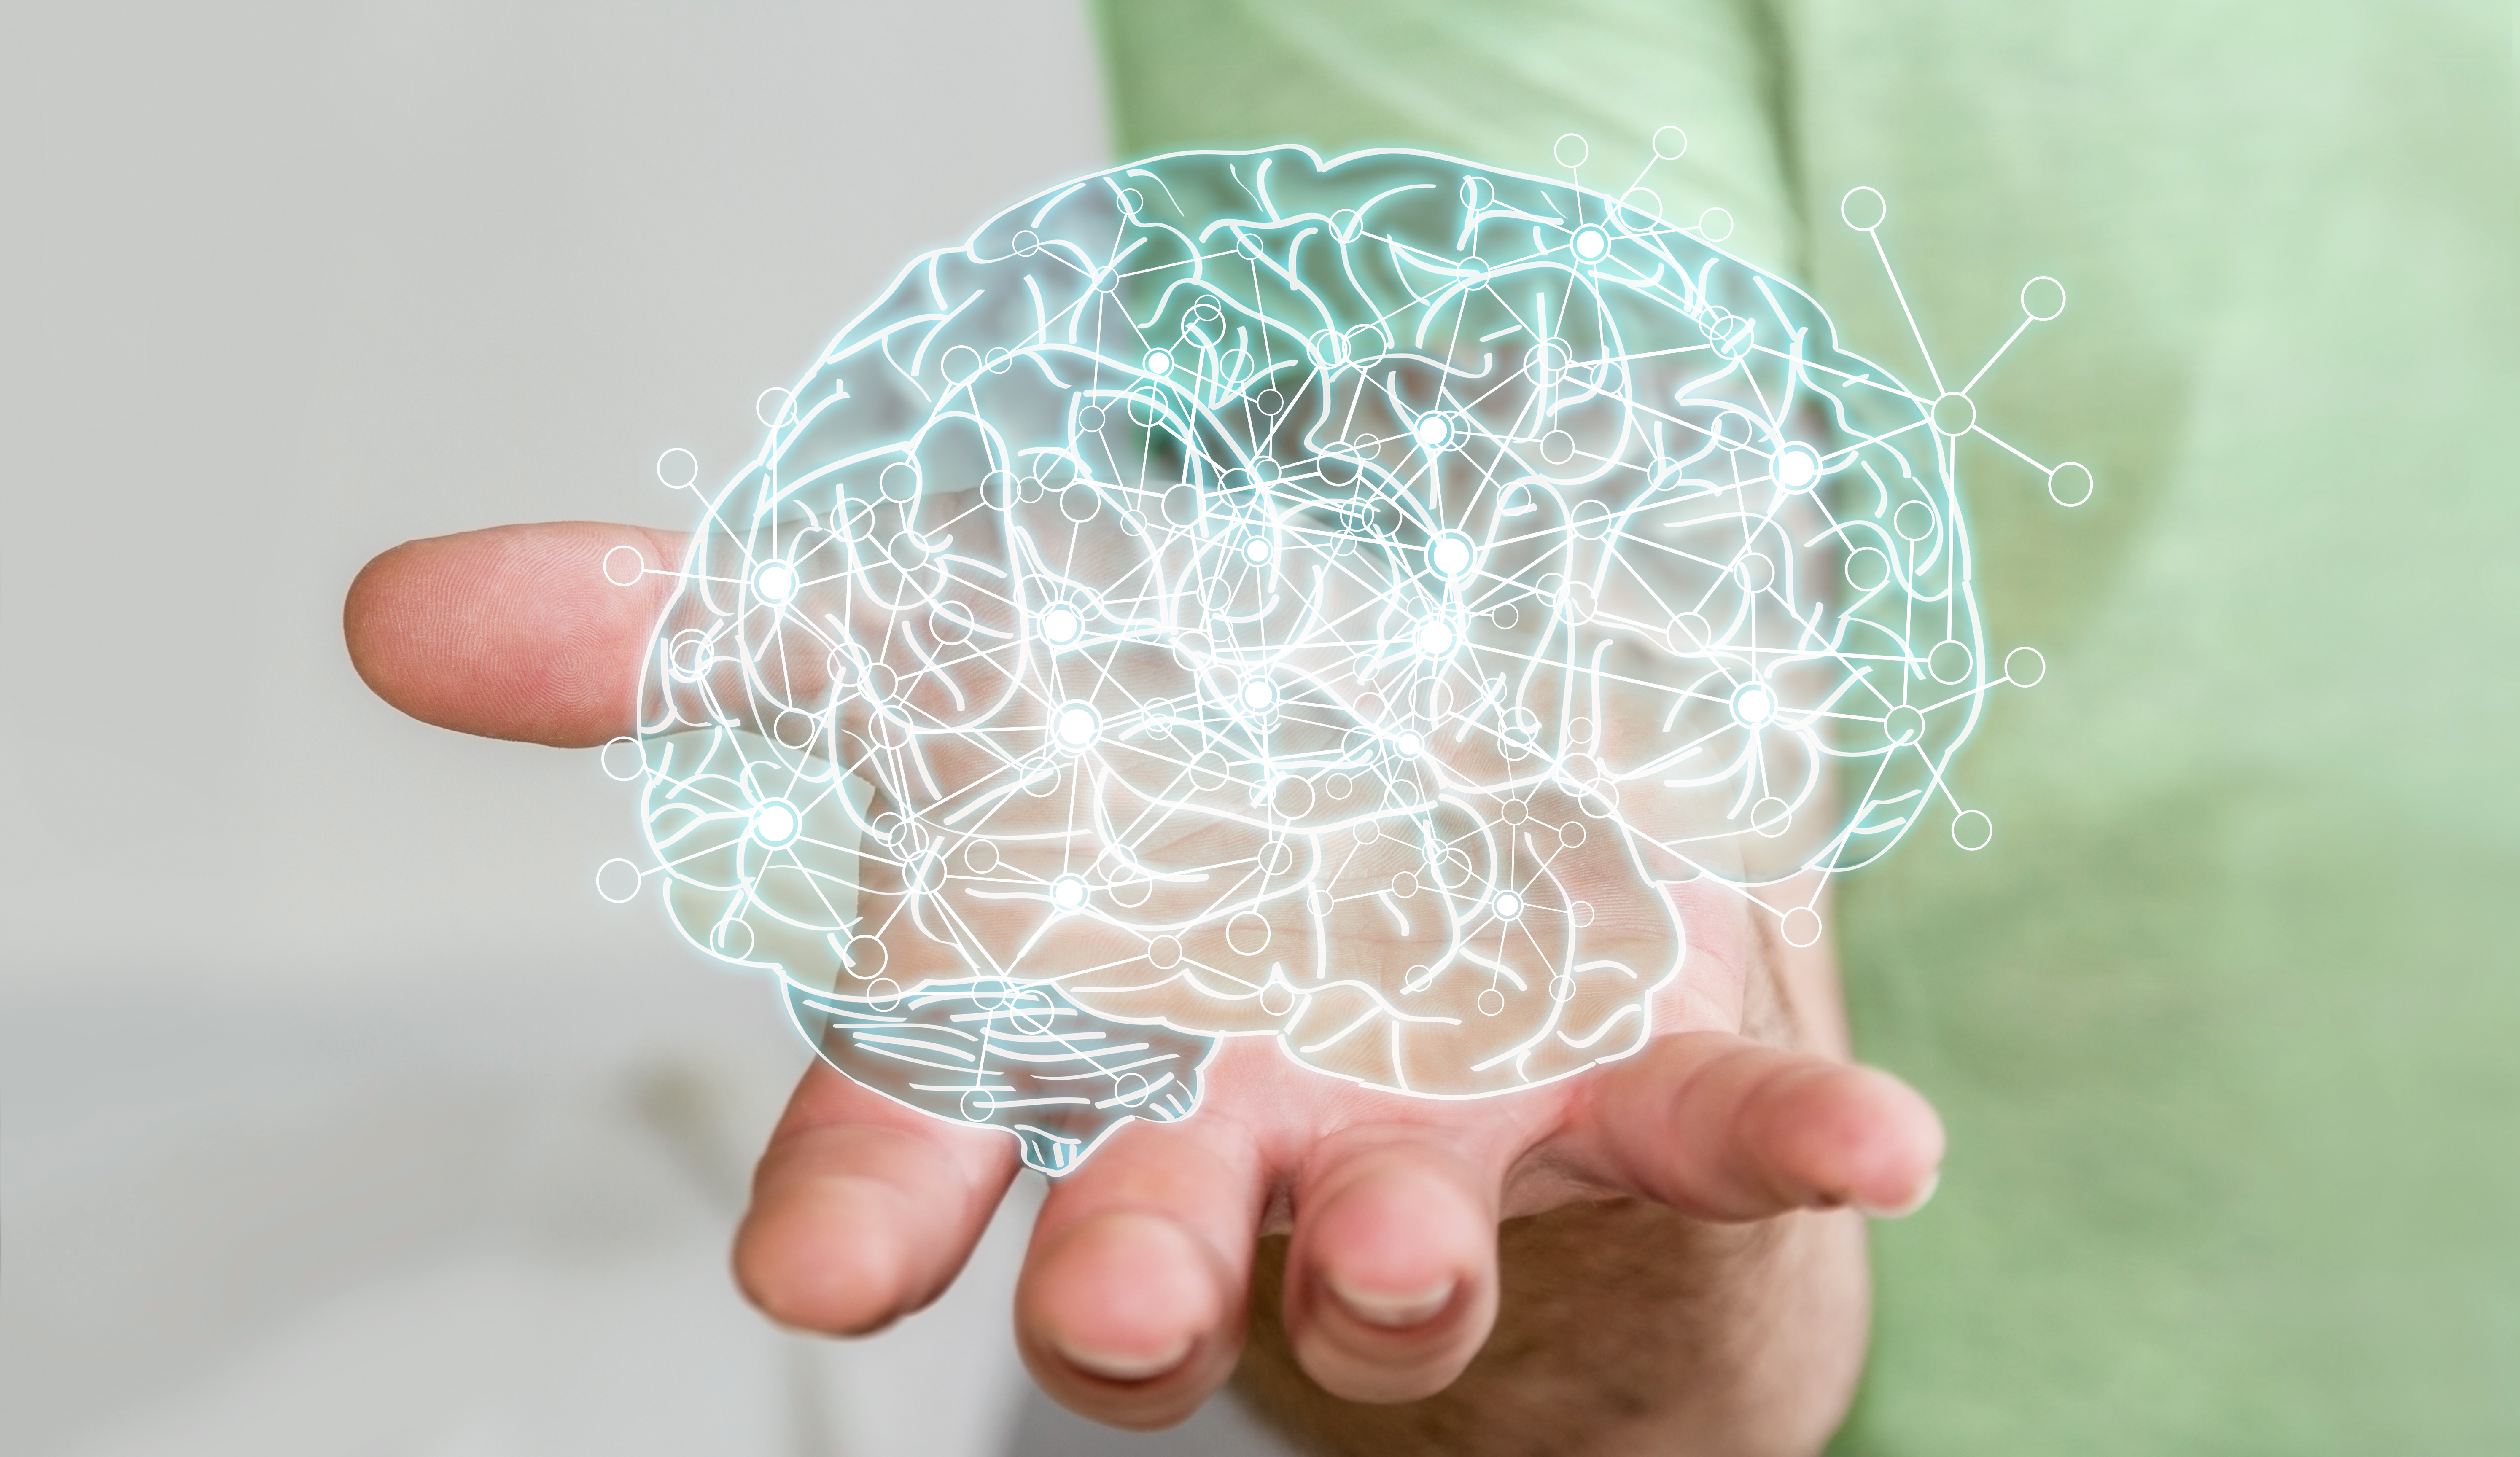 Den nya tekniken baseras på tankeförmåga.